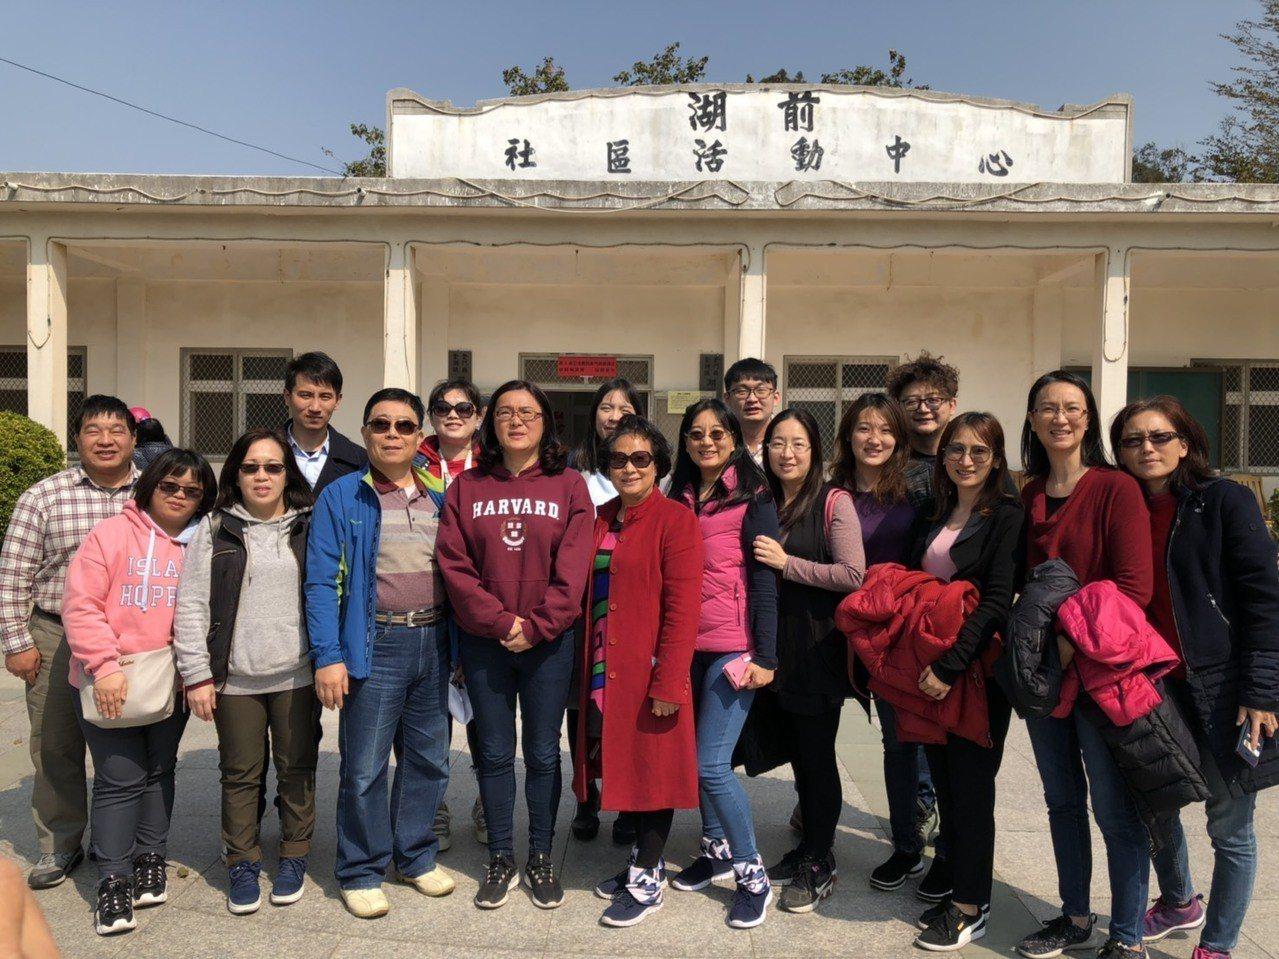 無黨籍候選人陳玉珍則在媽媽與全家10多人的陪同下來到投開票所投票,陣容龐大。記者...